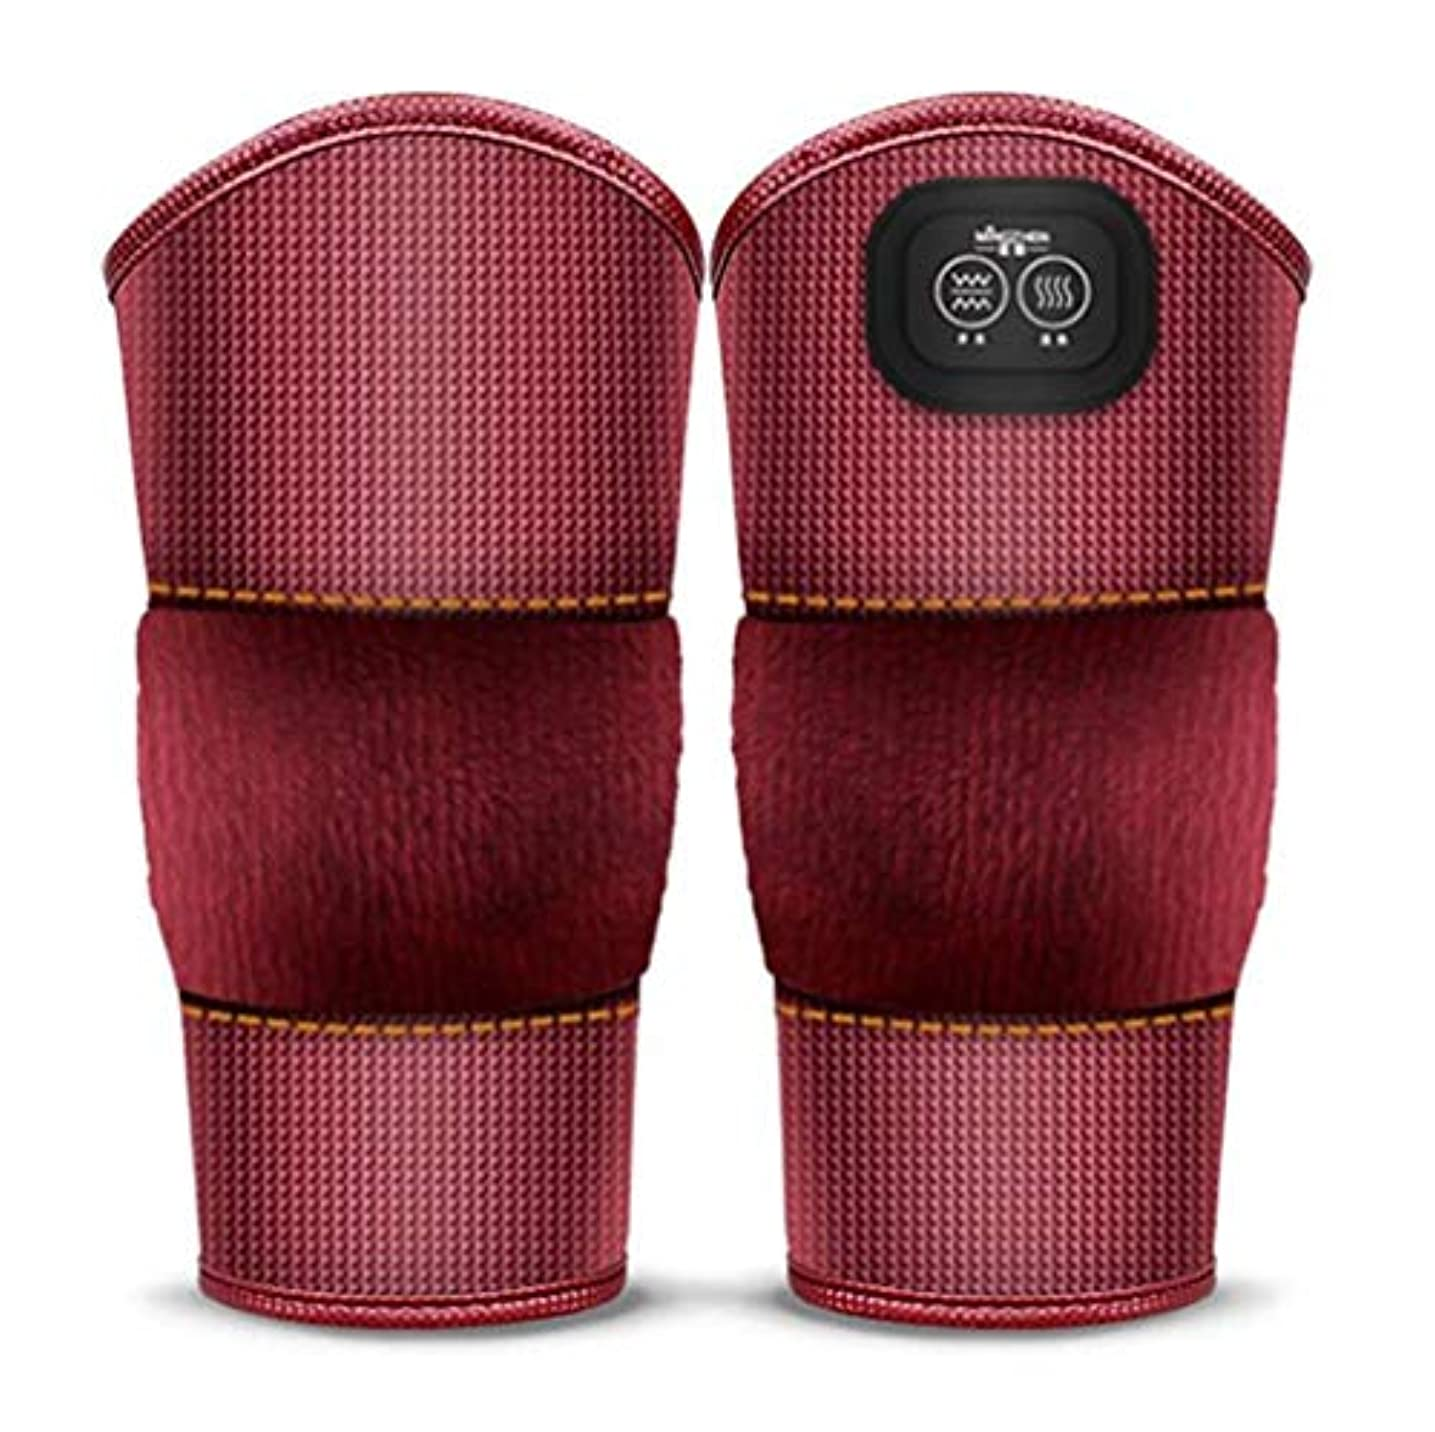 アナリストファシズム実験室マッサージ加熱膝ブレースラップ、プロフェッショナルな膝サポートパッド、膝捻挫の痛み、関節炎の痛み、古い冷たい脚の関節痛